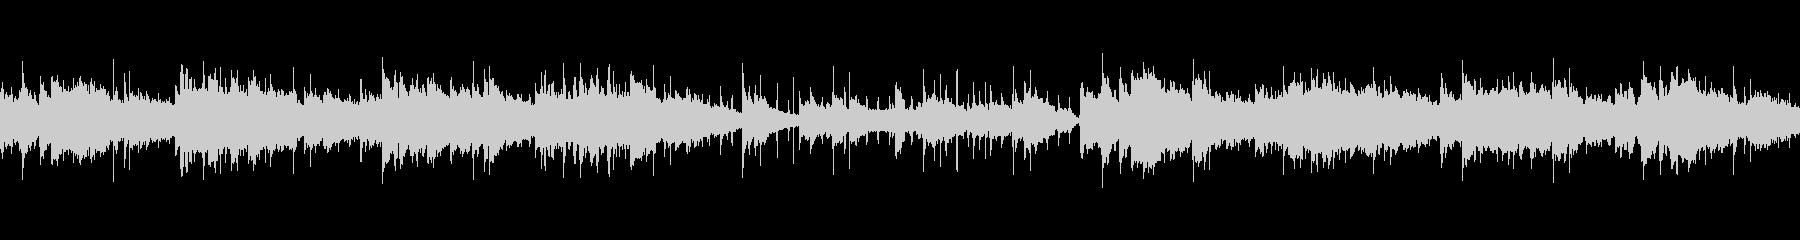 動画 エレキギター シンセサイザー...の未再生の波形